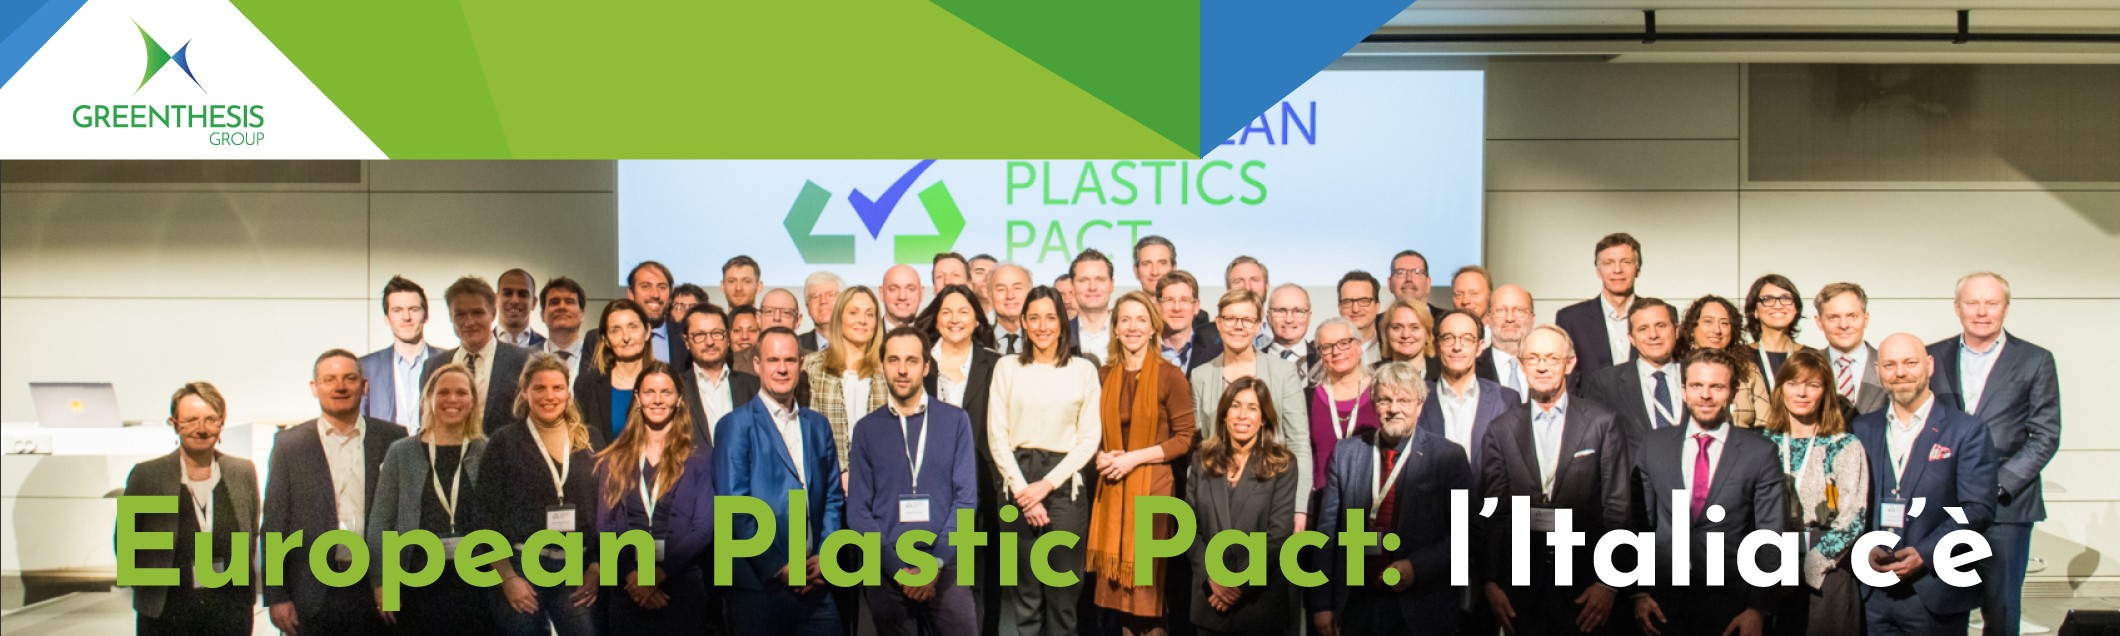 European Plastic Pact: l'Italia c'è